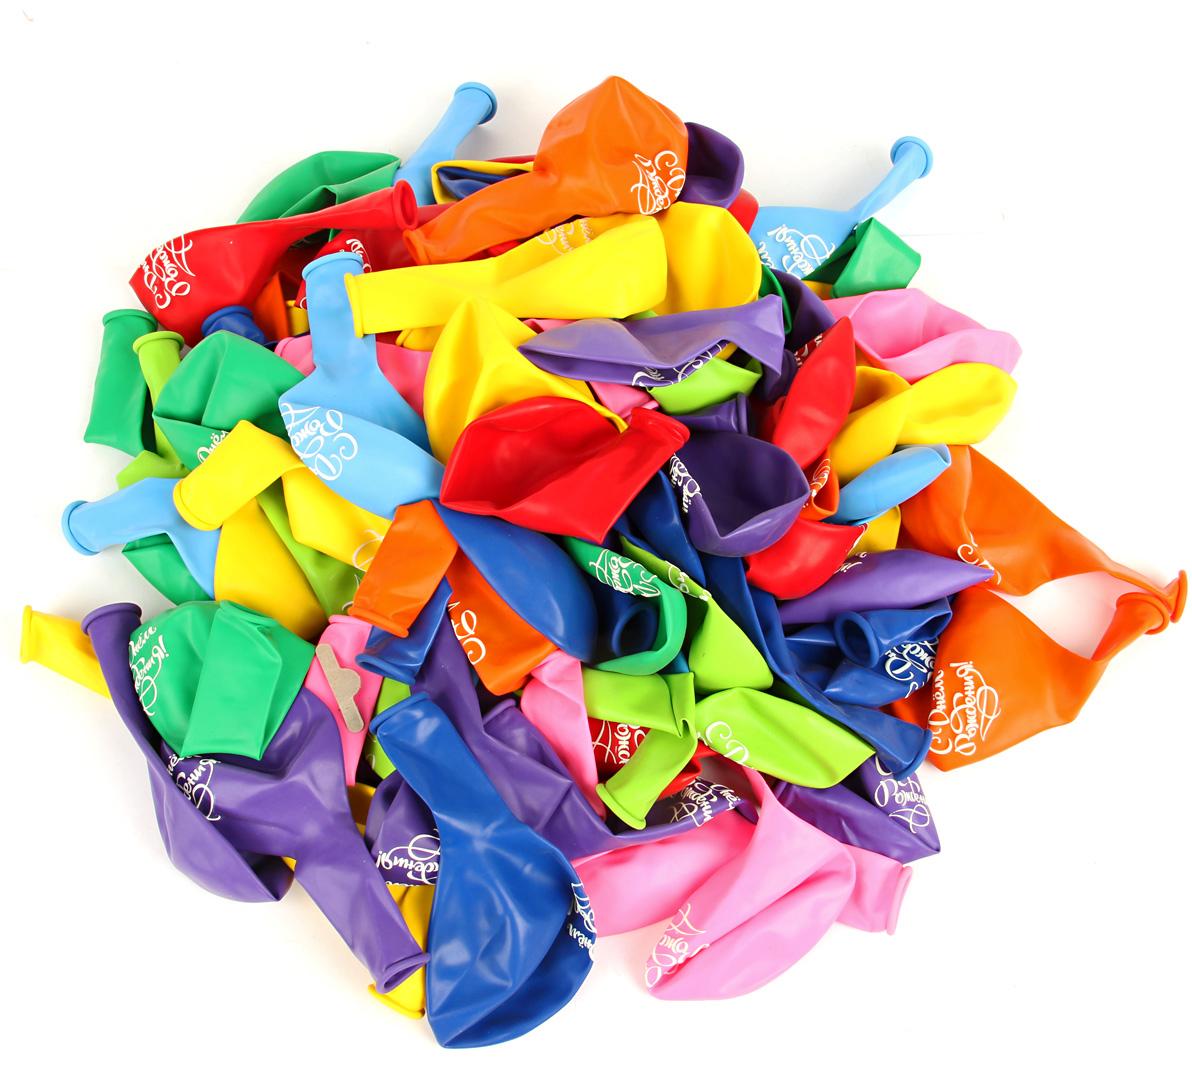 Веселый хоровод Набор шаров С Днем Рождения 30 см 100 шт цвет в ассортименте веселый хоровод набор шаров 30 см 100 шт цвет в ассортименте kl40897